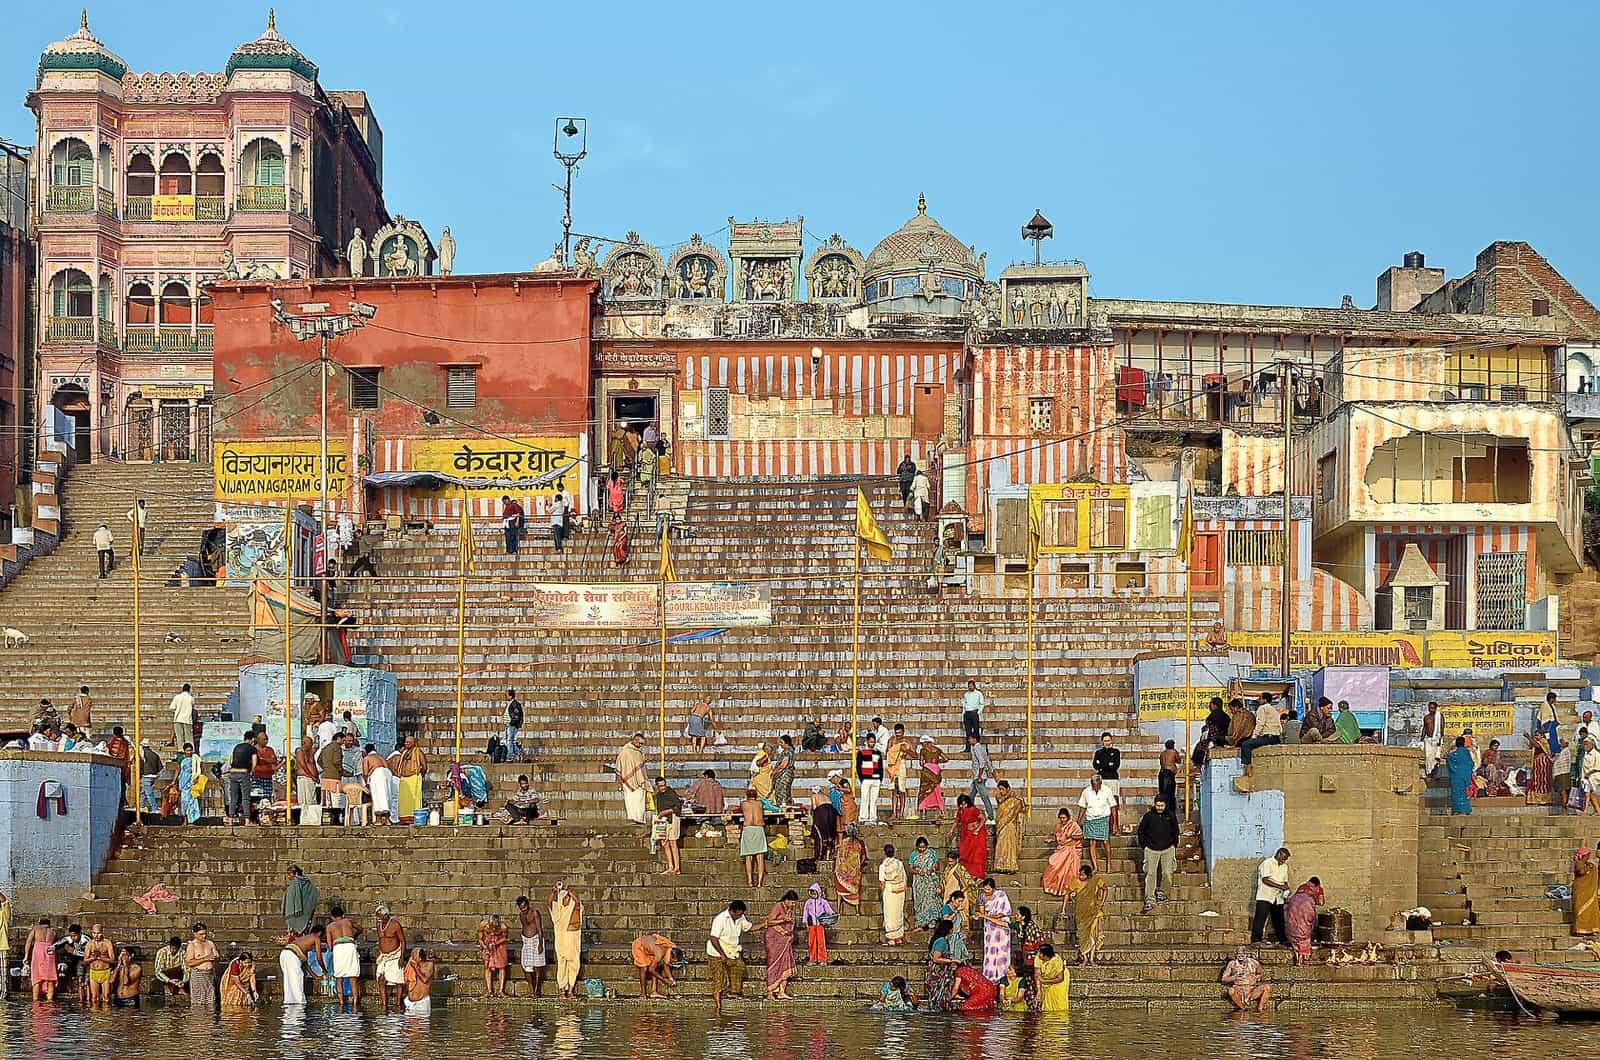 印度城市介紹-瓦拉納西市(Varanasi)景點篇